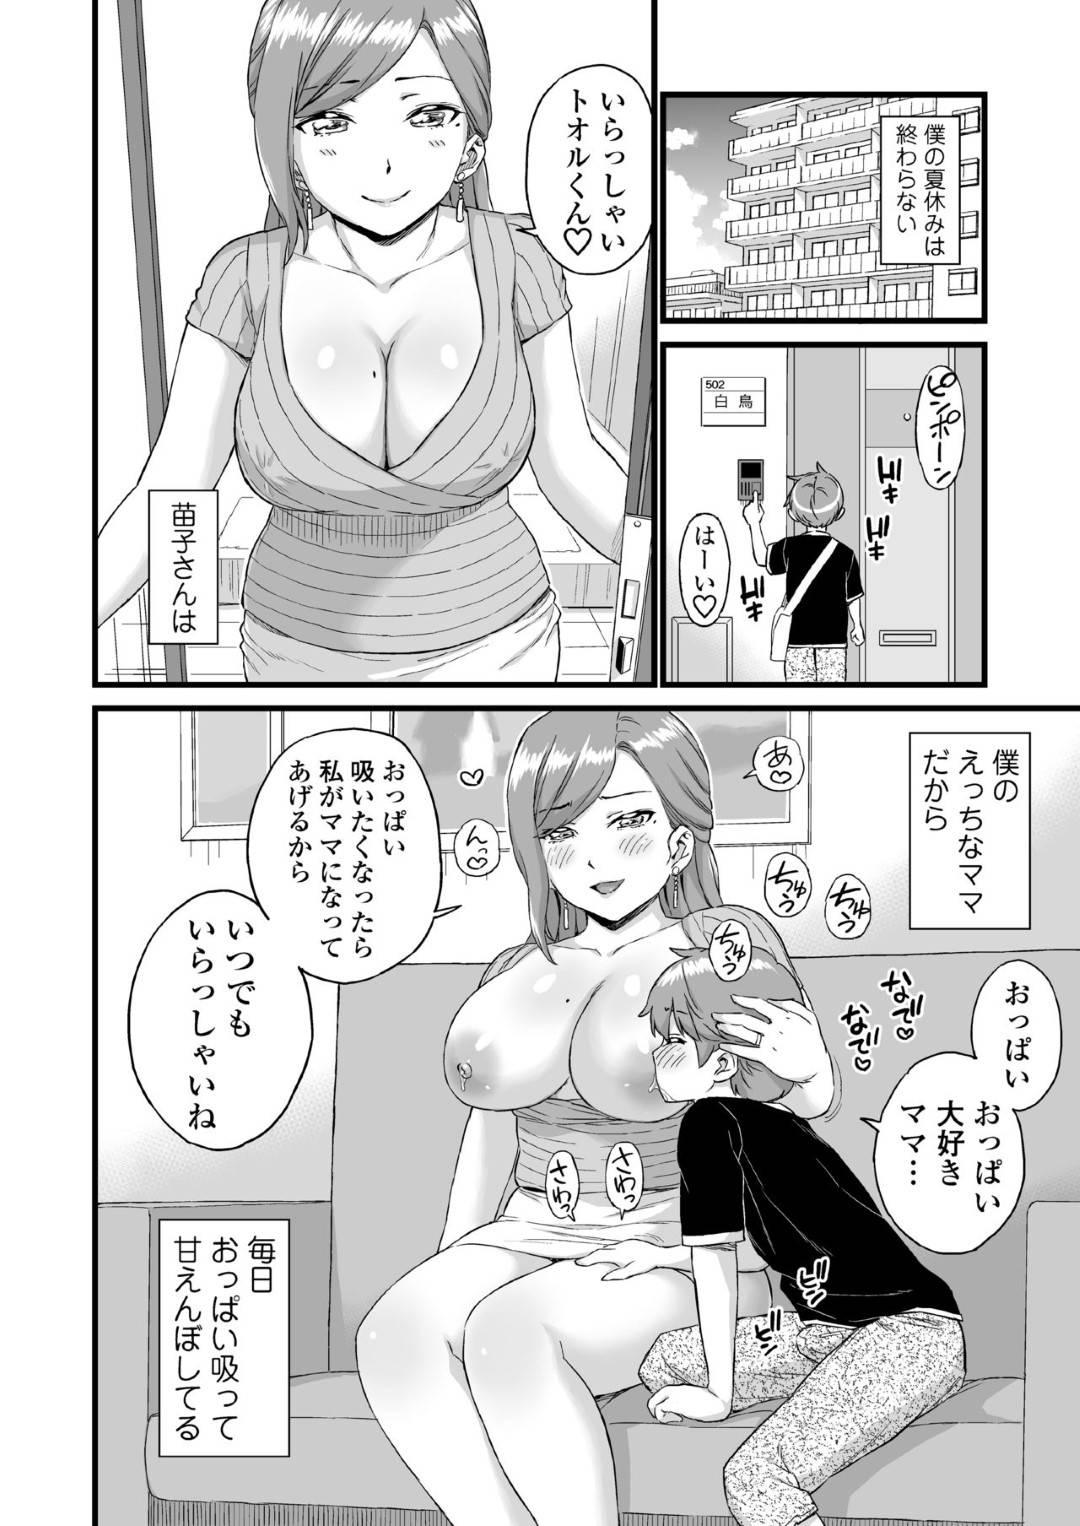 【おねショタエロ漫画】夏休みに知り合いのお姉さんの苗子さんに会いに行ったショタ。甘えるのが大好きな彼は部屋に入るなり、おっぱいを揉みながら授乳しまくって手コキされる甘々プレイを受ける。【東野みかん】